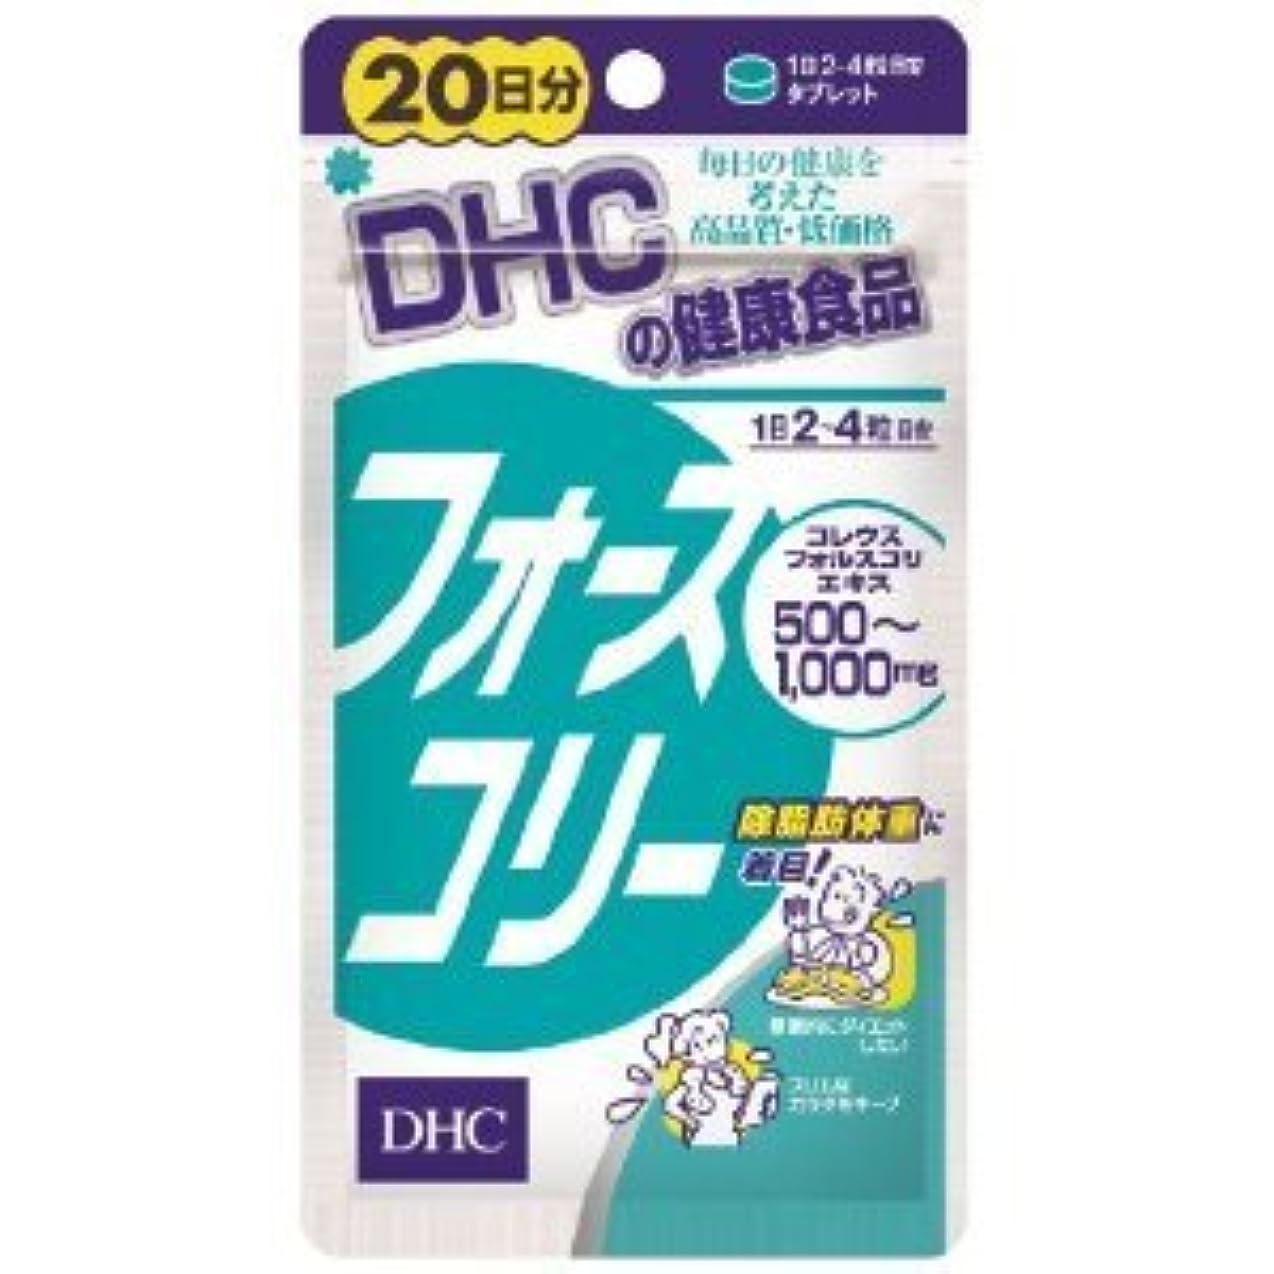 カメラ摩擦緩めるDHC フォースコリー 80粒 20日分 賞味期限 201604